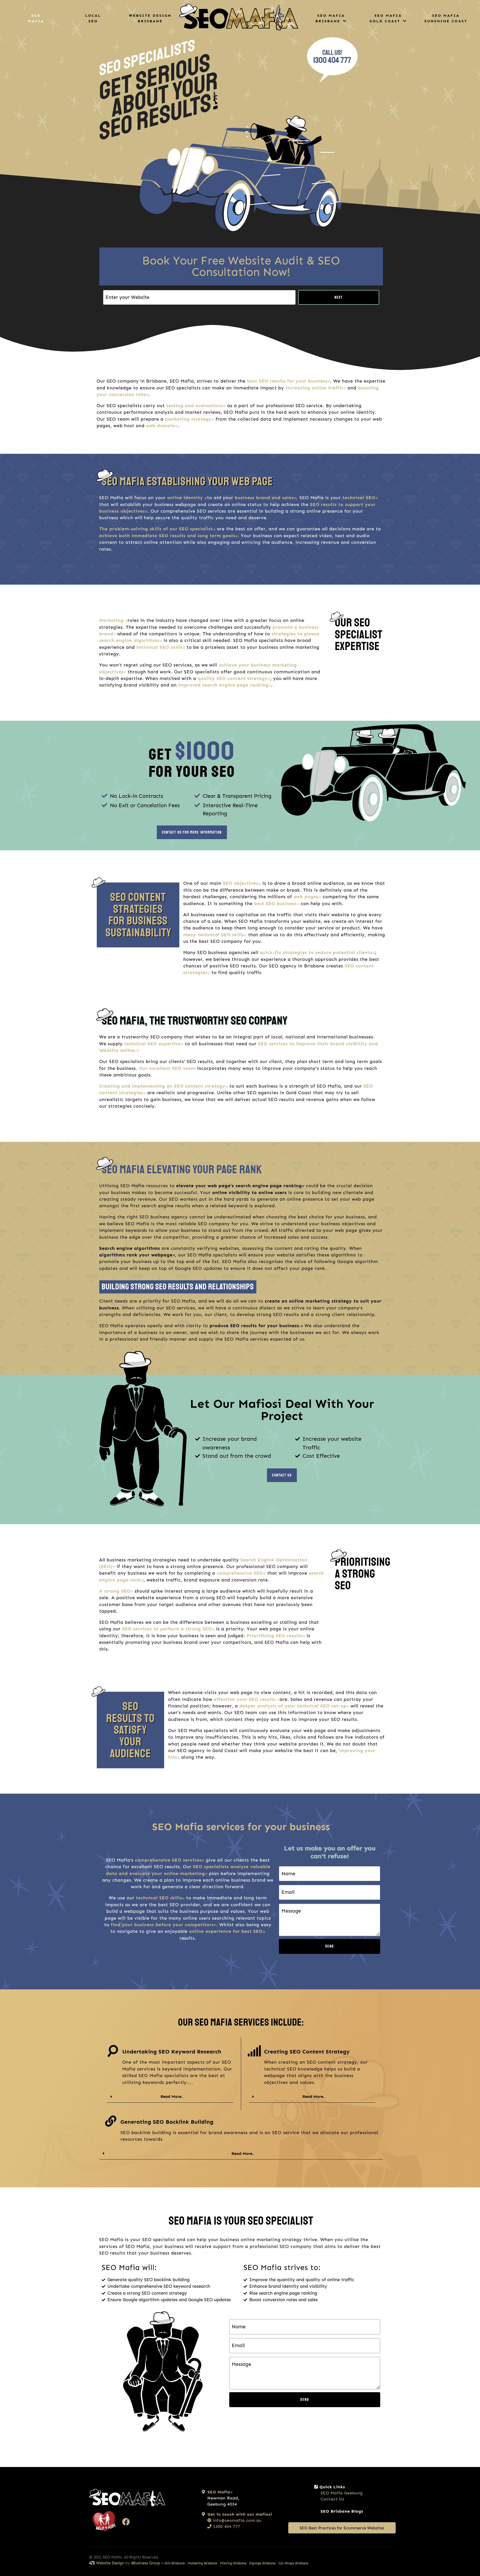 SEO Mafia: Desktop View